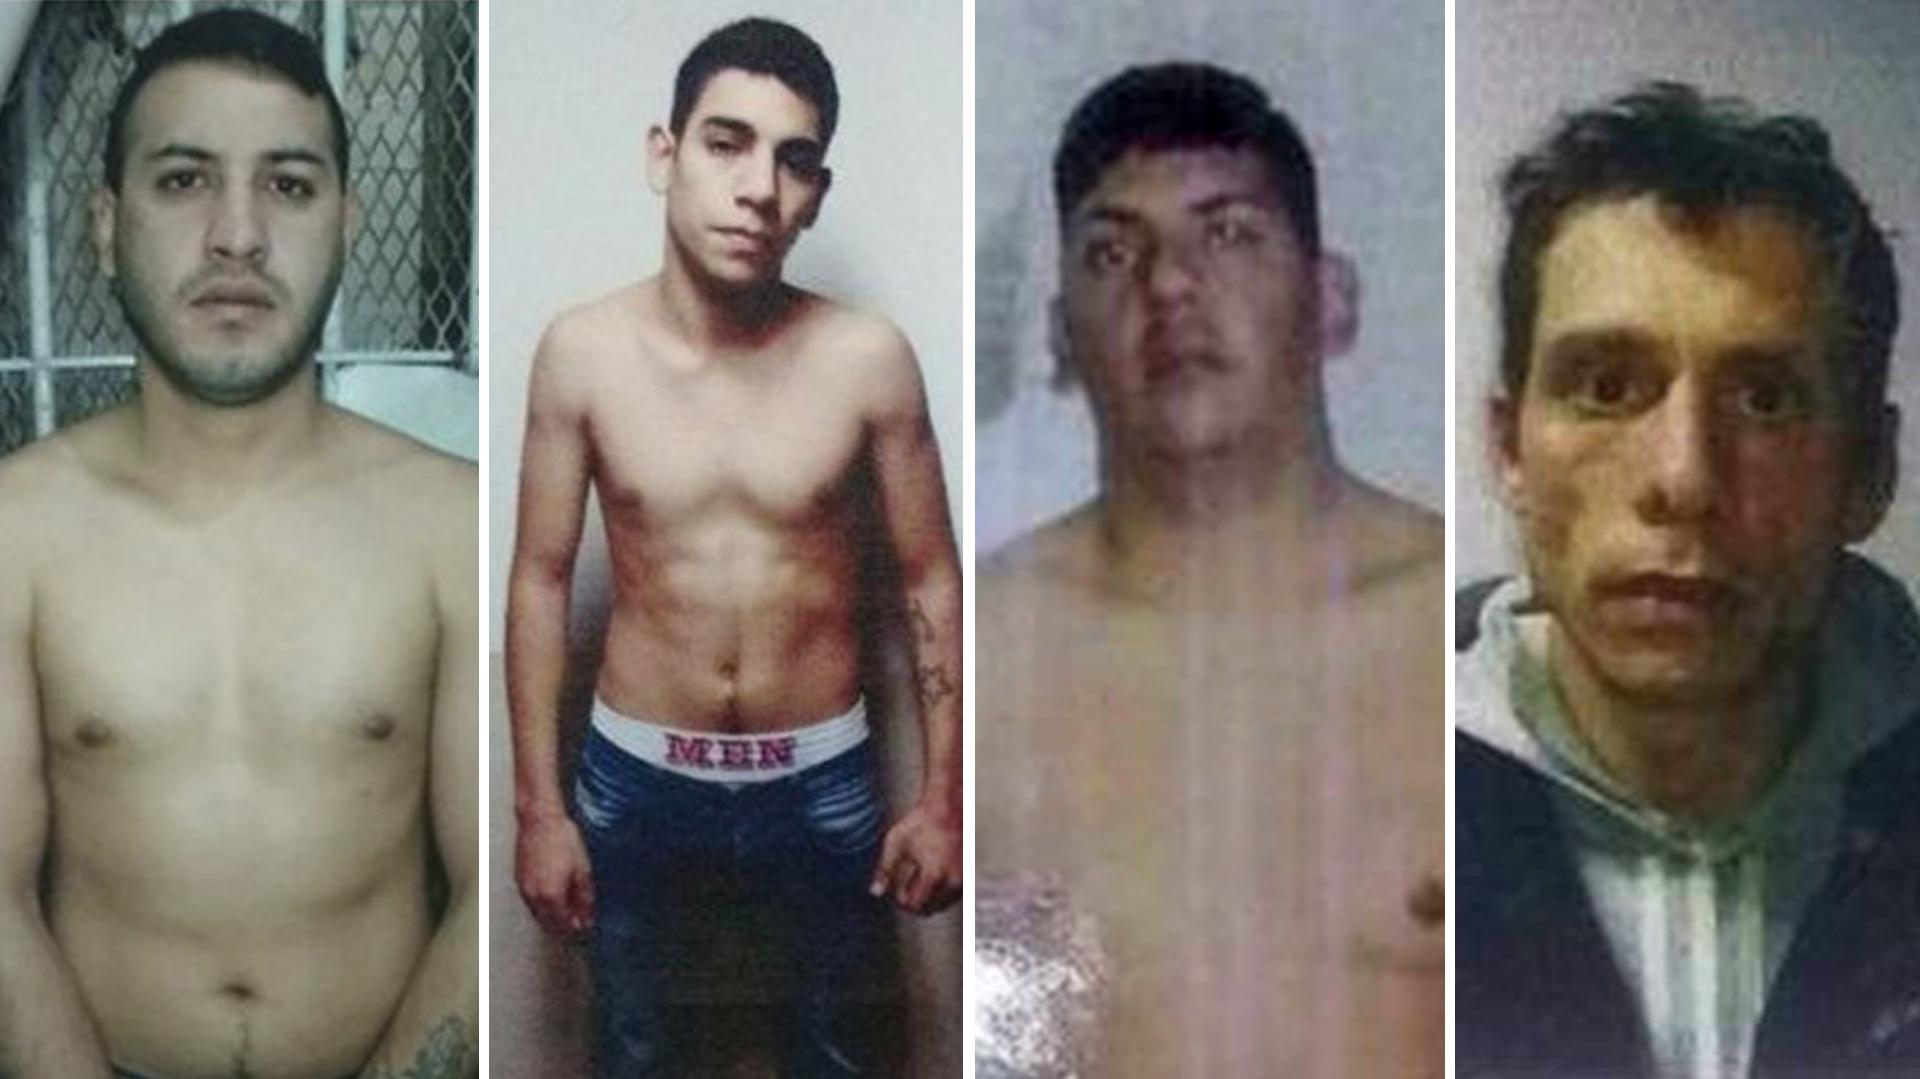 Los detenidos que se fugaron esta mañana en Villa Ballester. Ortiz, acusado de homicidio, es el segundo desde la izquierda: tiene 18 años